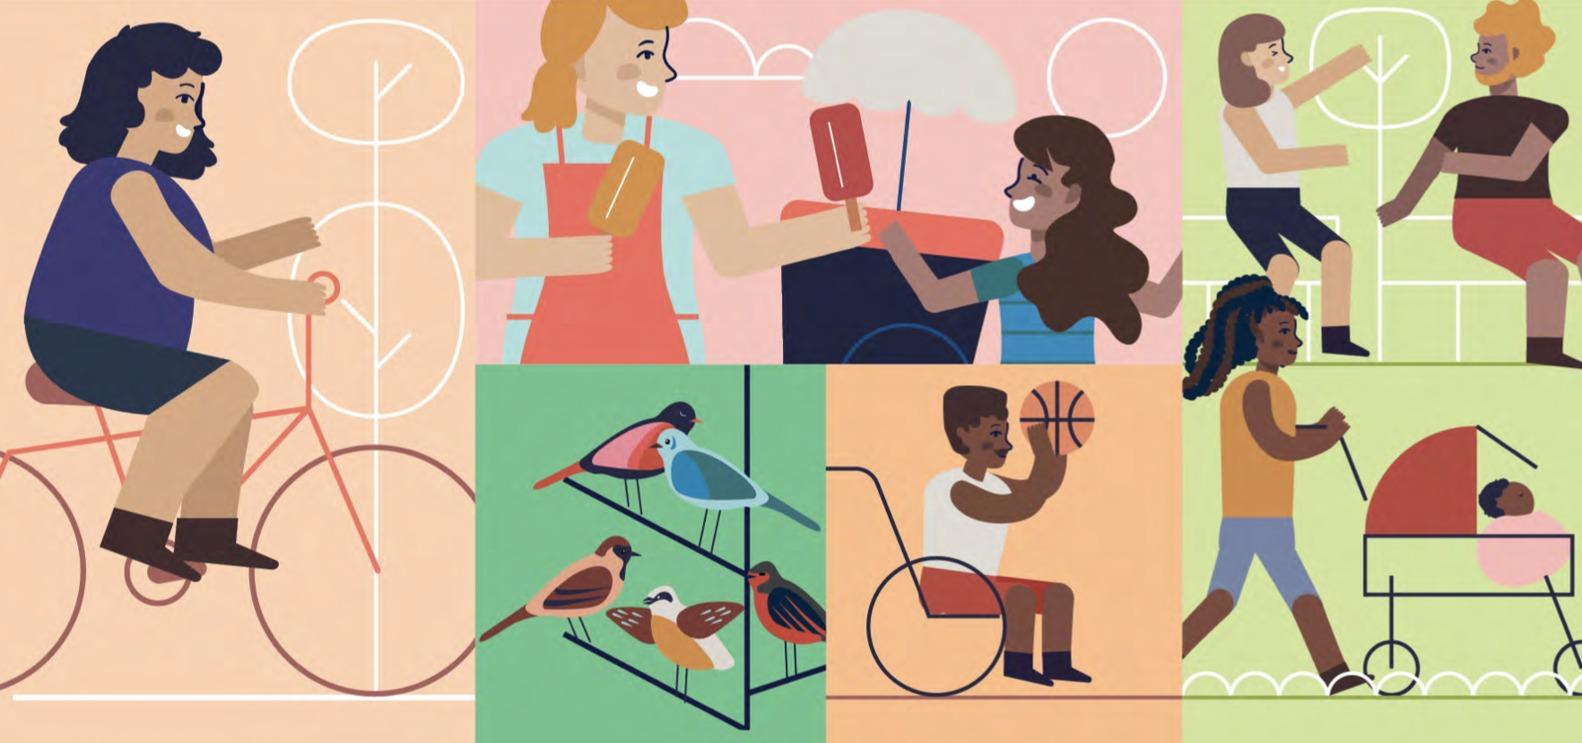 desenho sobre parques urbanas com perspectiva de gênero